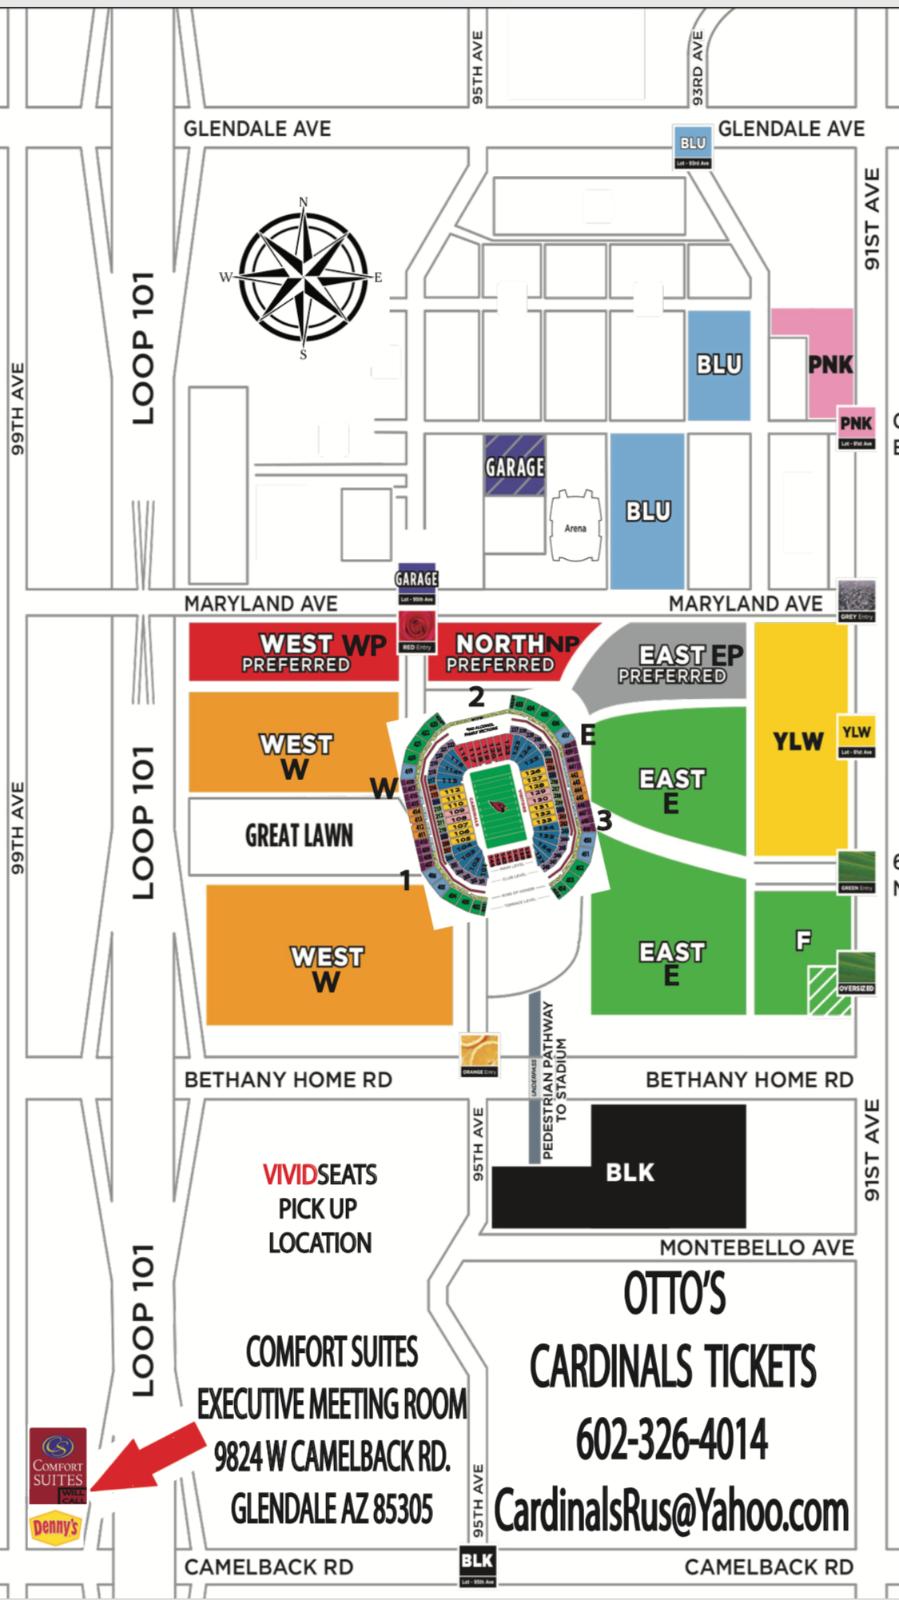 9d09ea98 ARIZONA CARDINALS V Detroit Lions 9/8 Orange W West Lot Parking Pass  Tickets Tix